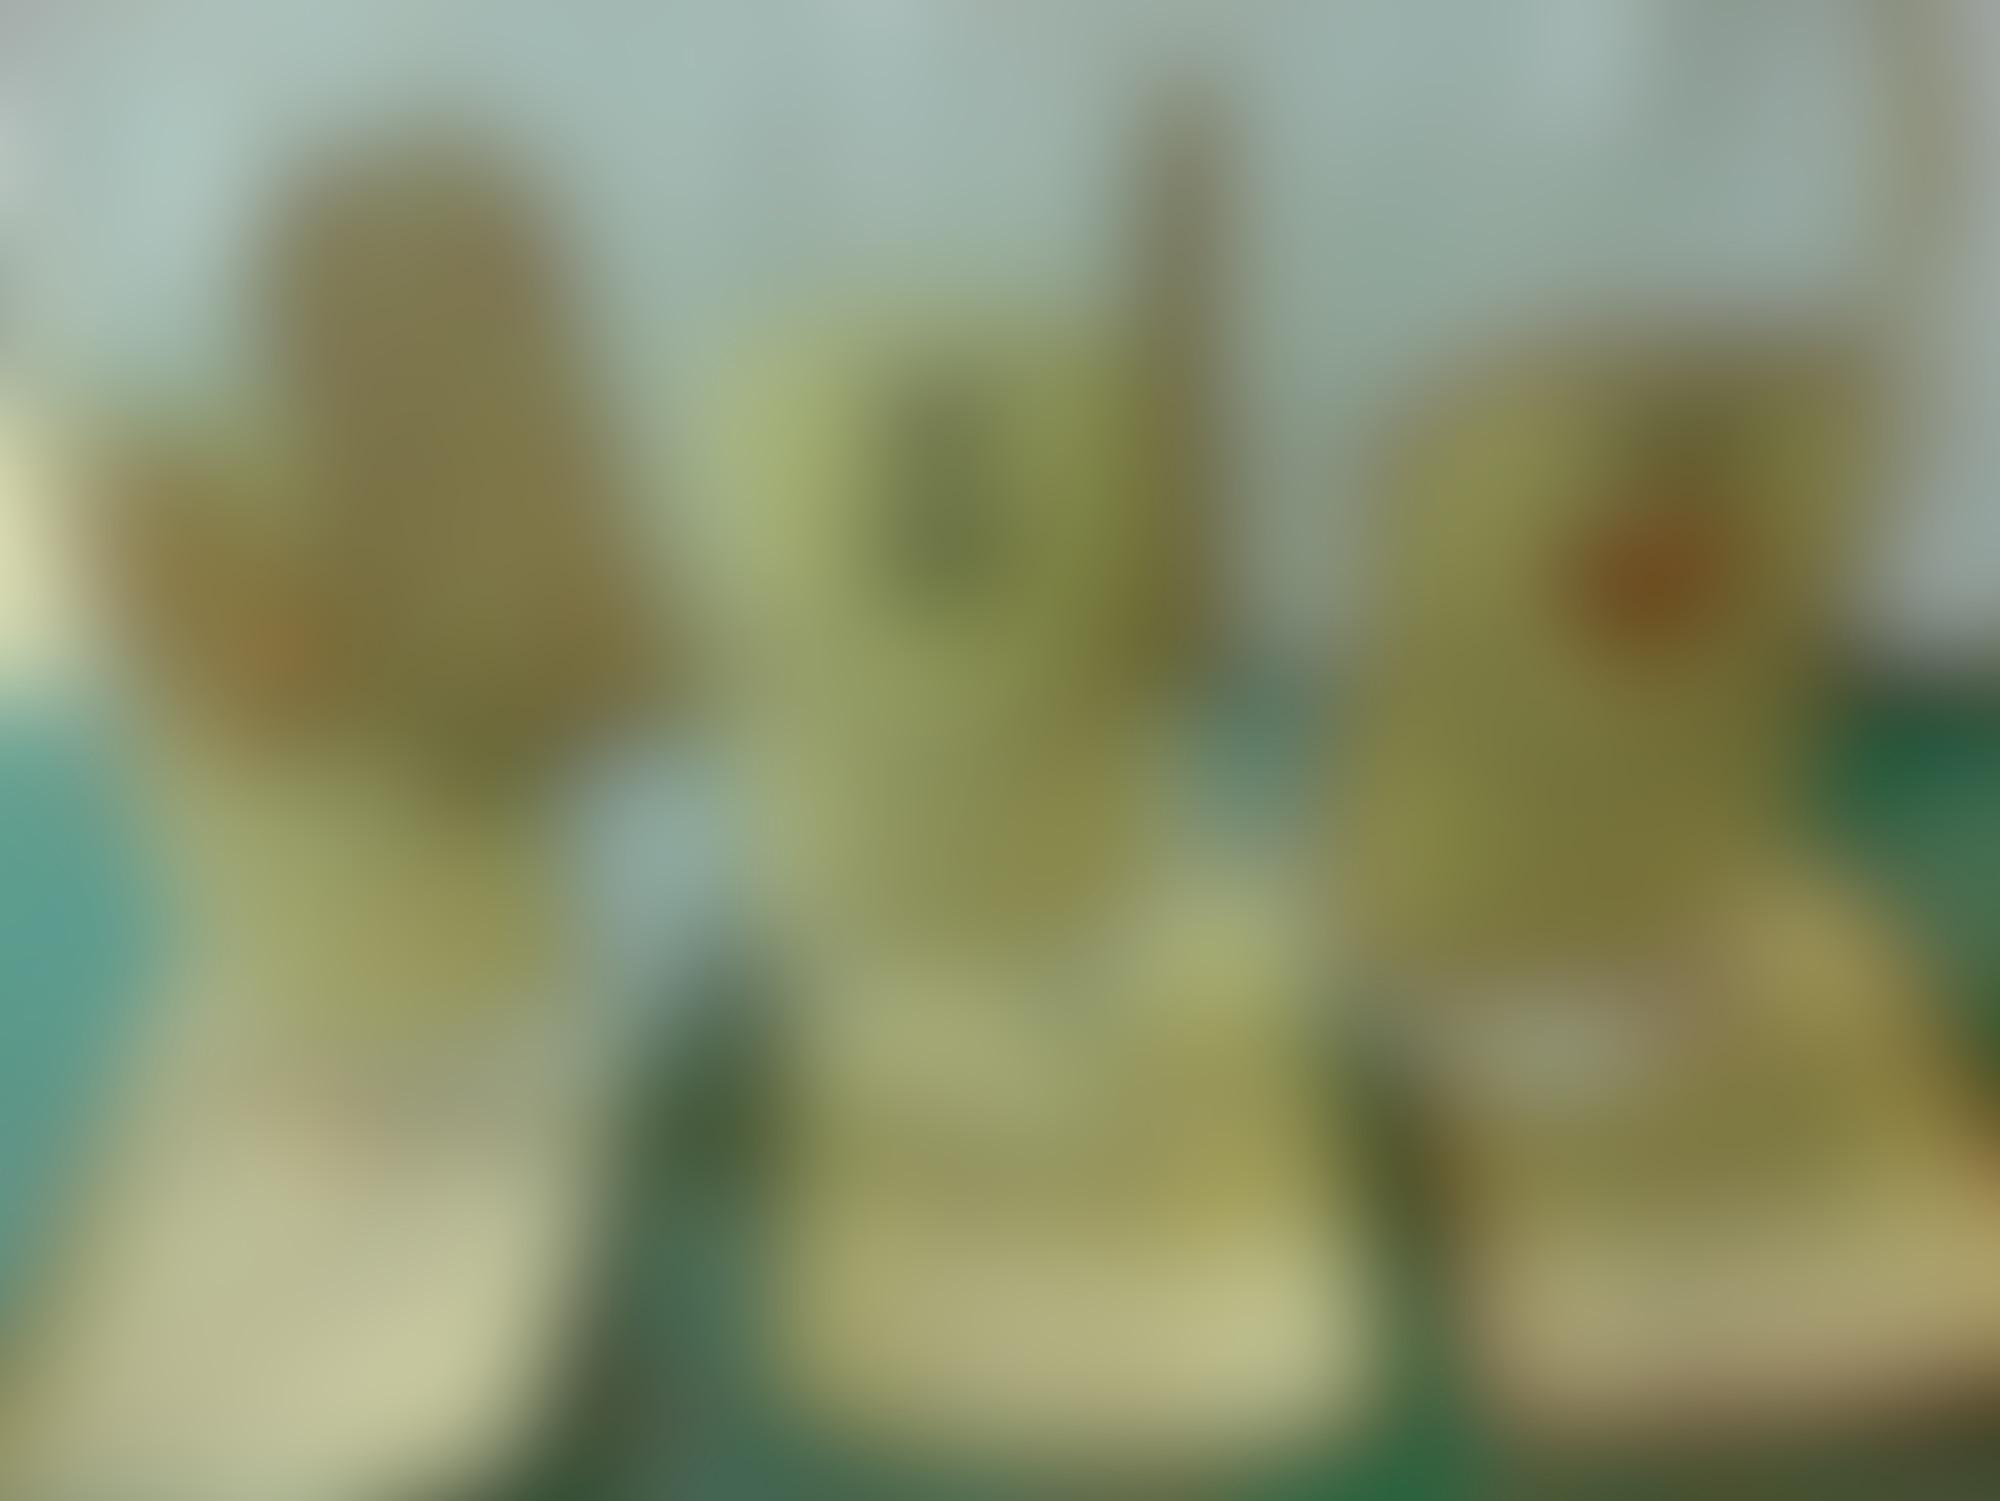 8864140 orig autocompressfitresizeixlibphp 1 1 0max h2000max w3 D2000q80s0651e200e1d1071374b0d454c6d31960